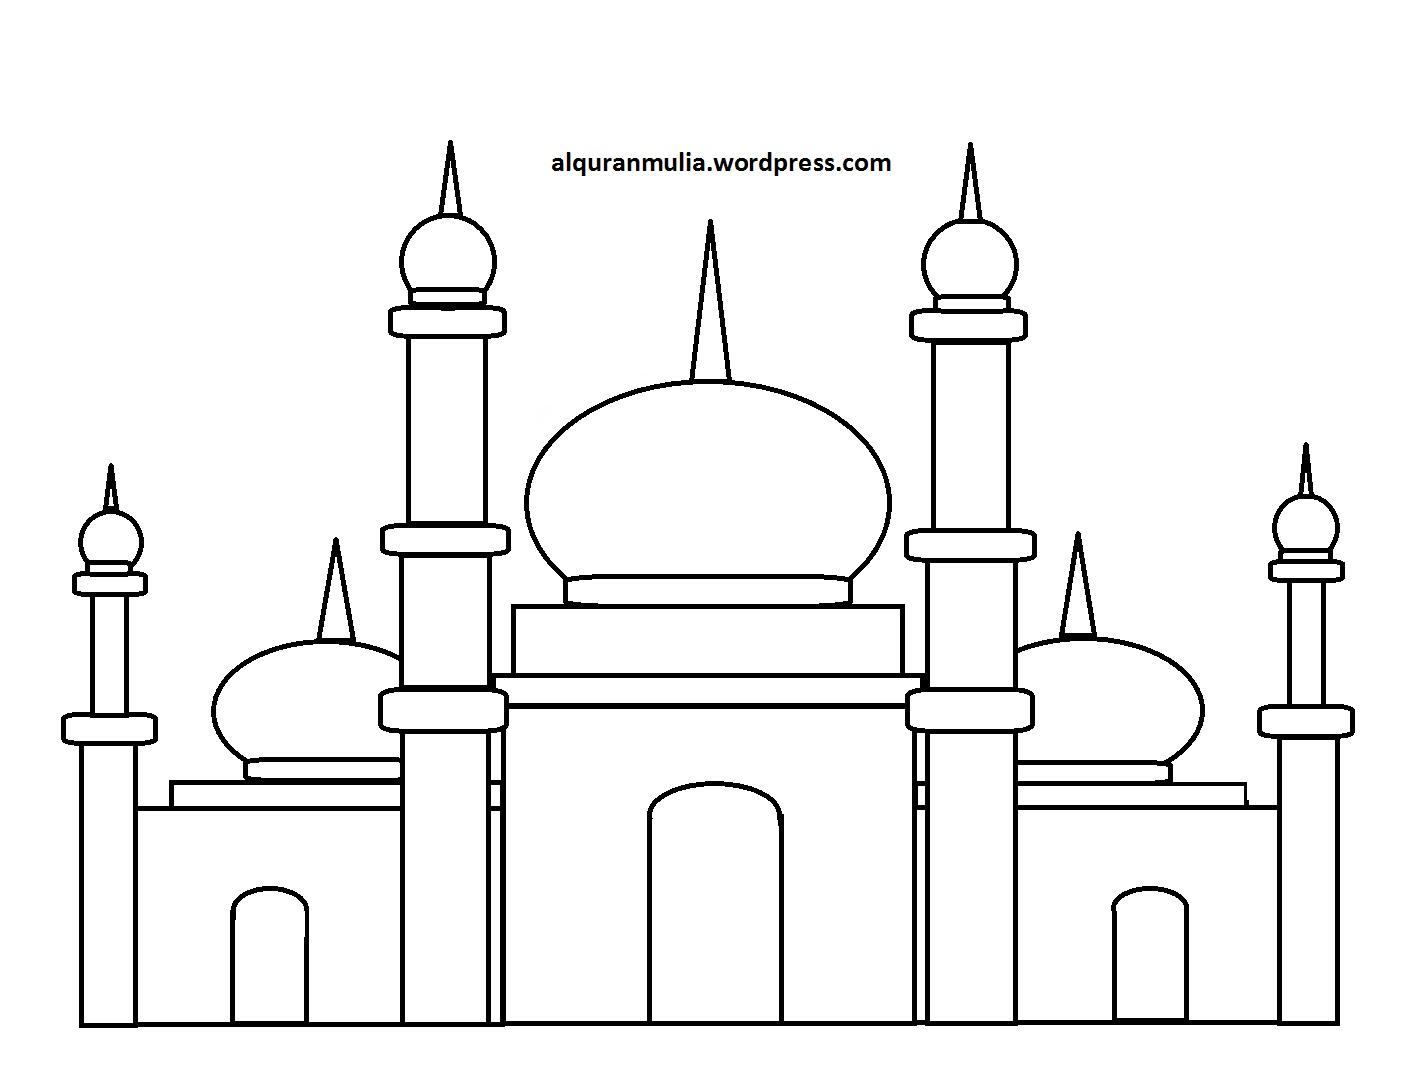 Mewarnai Gambar Masjid 26 Anak Muslim  alquranmulia